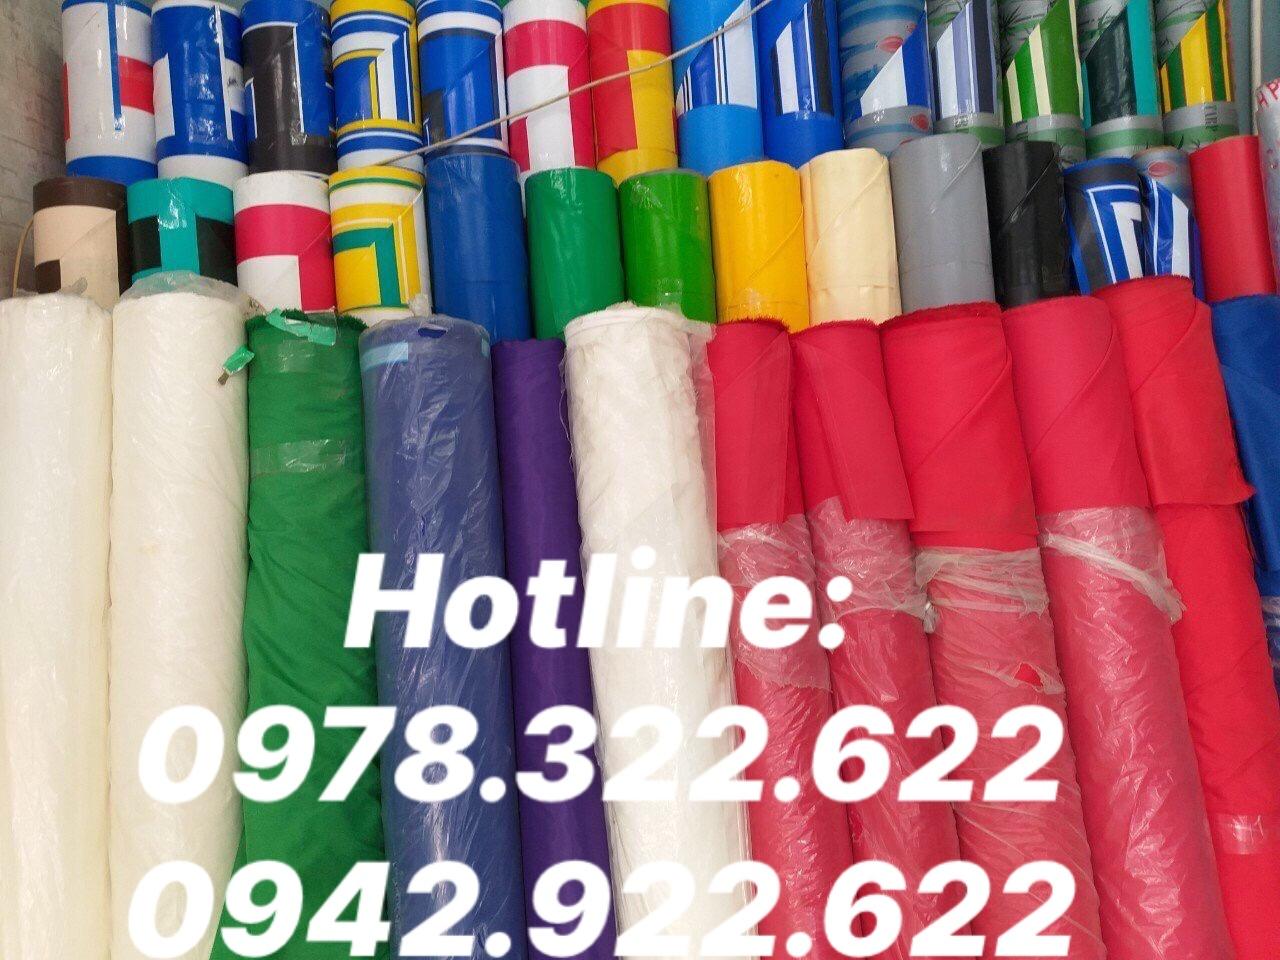 Bảng giá bán dù che nắng tại huyện nhơn trạch, bán dù lệch tâm giá rẻ tại huyện nhơn trạch đồng nai